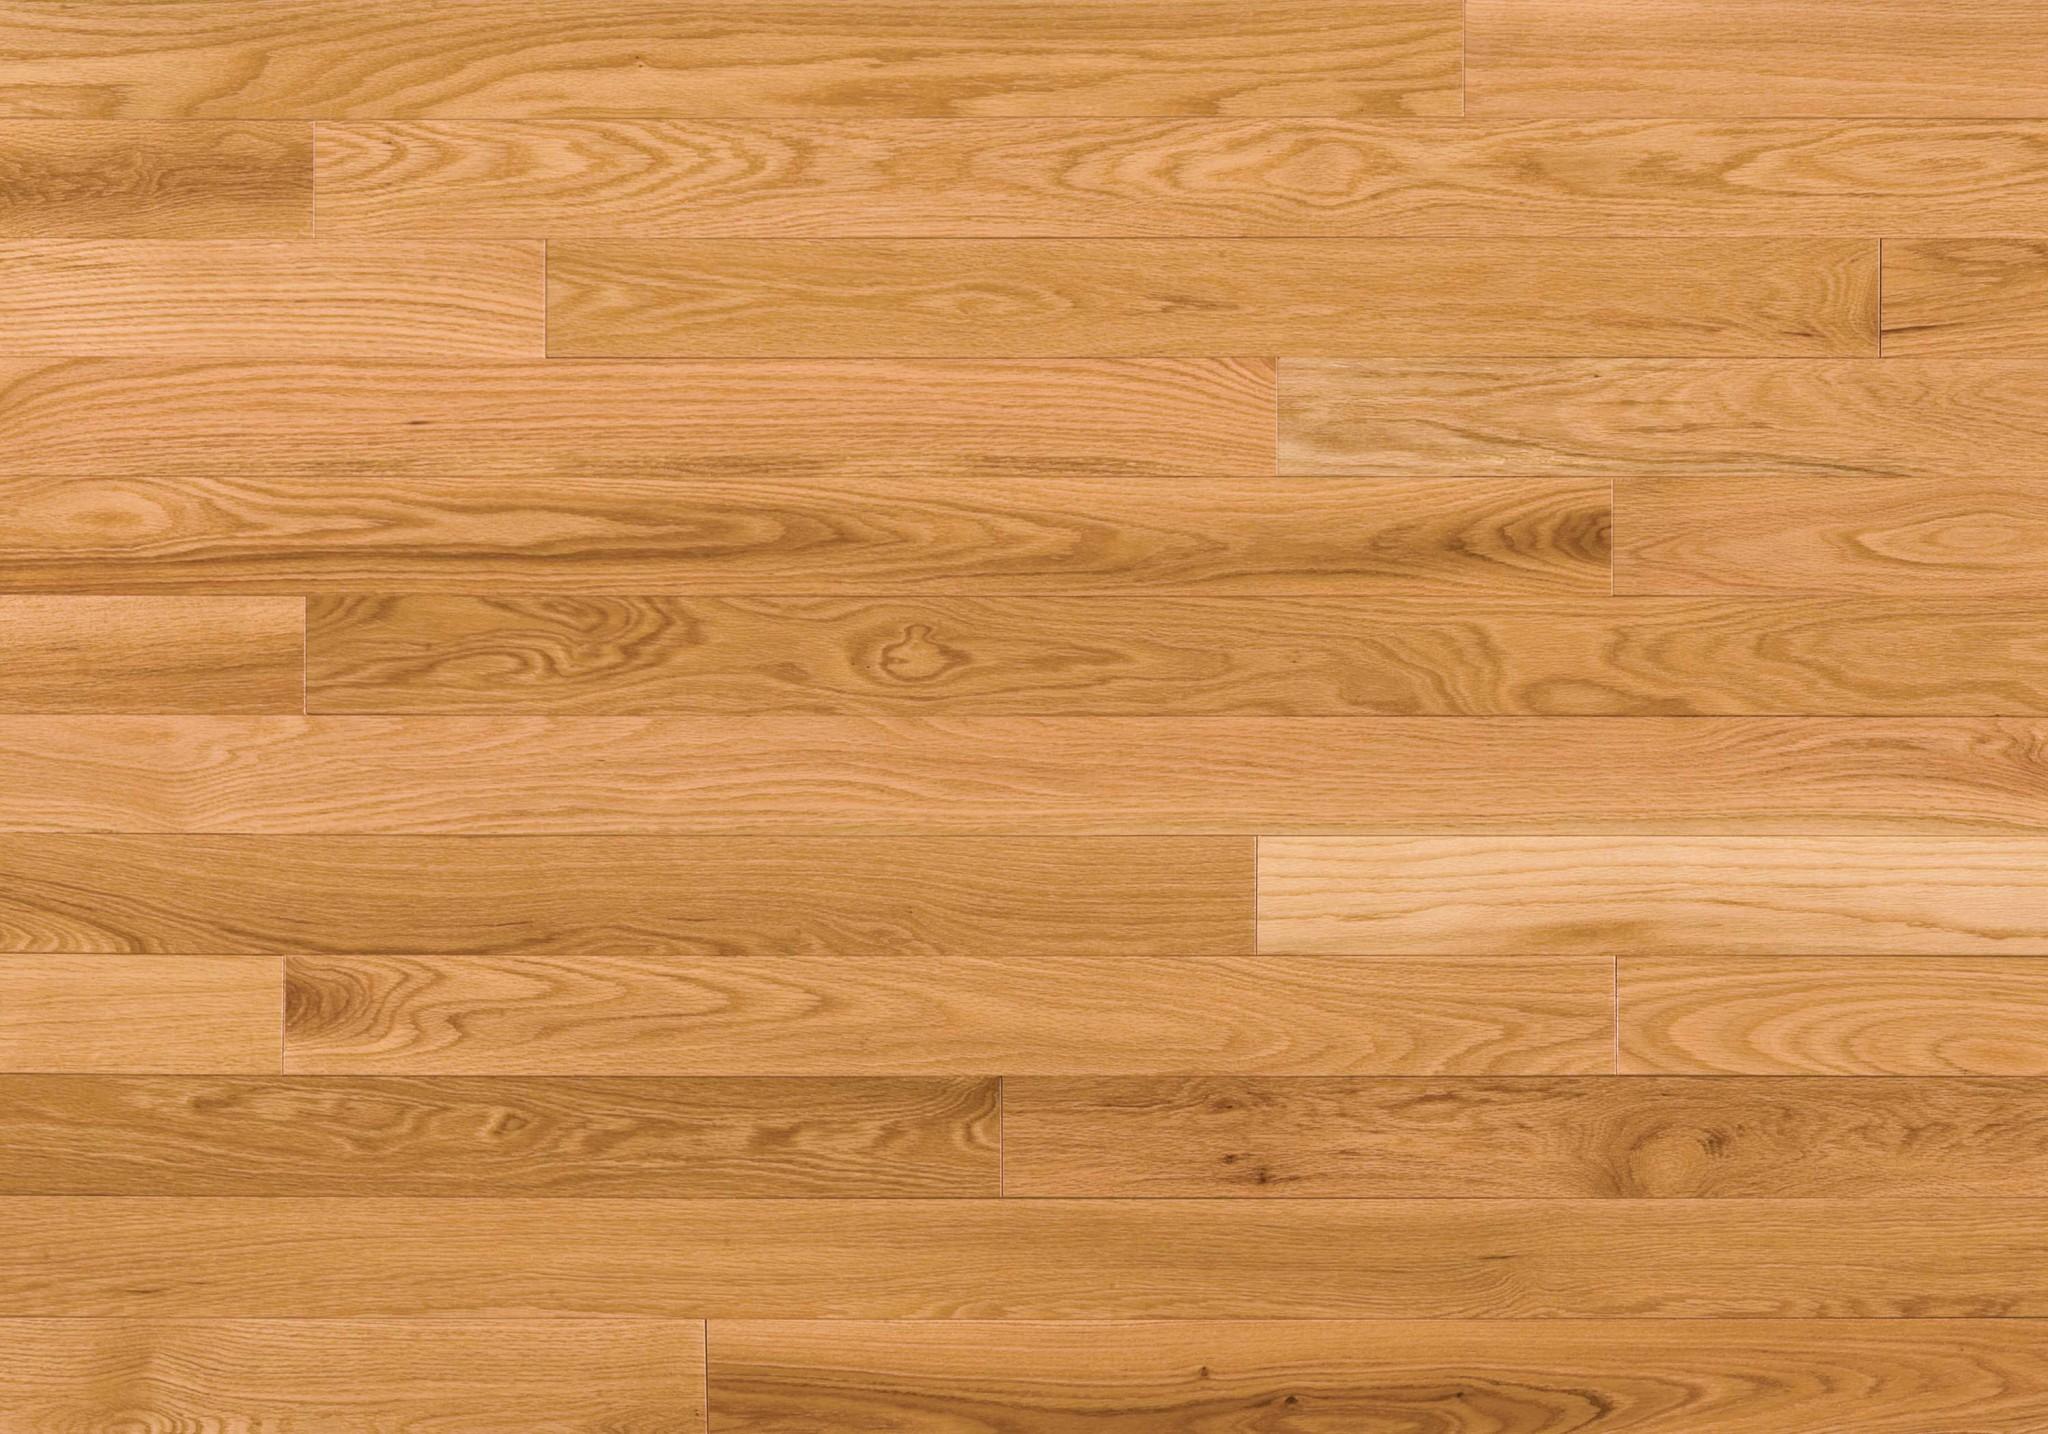 hardwood floors red oak hardwood ... YTRIWVM